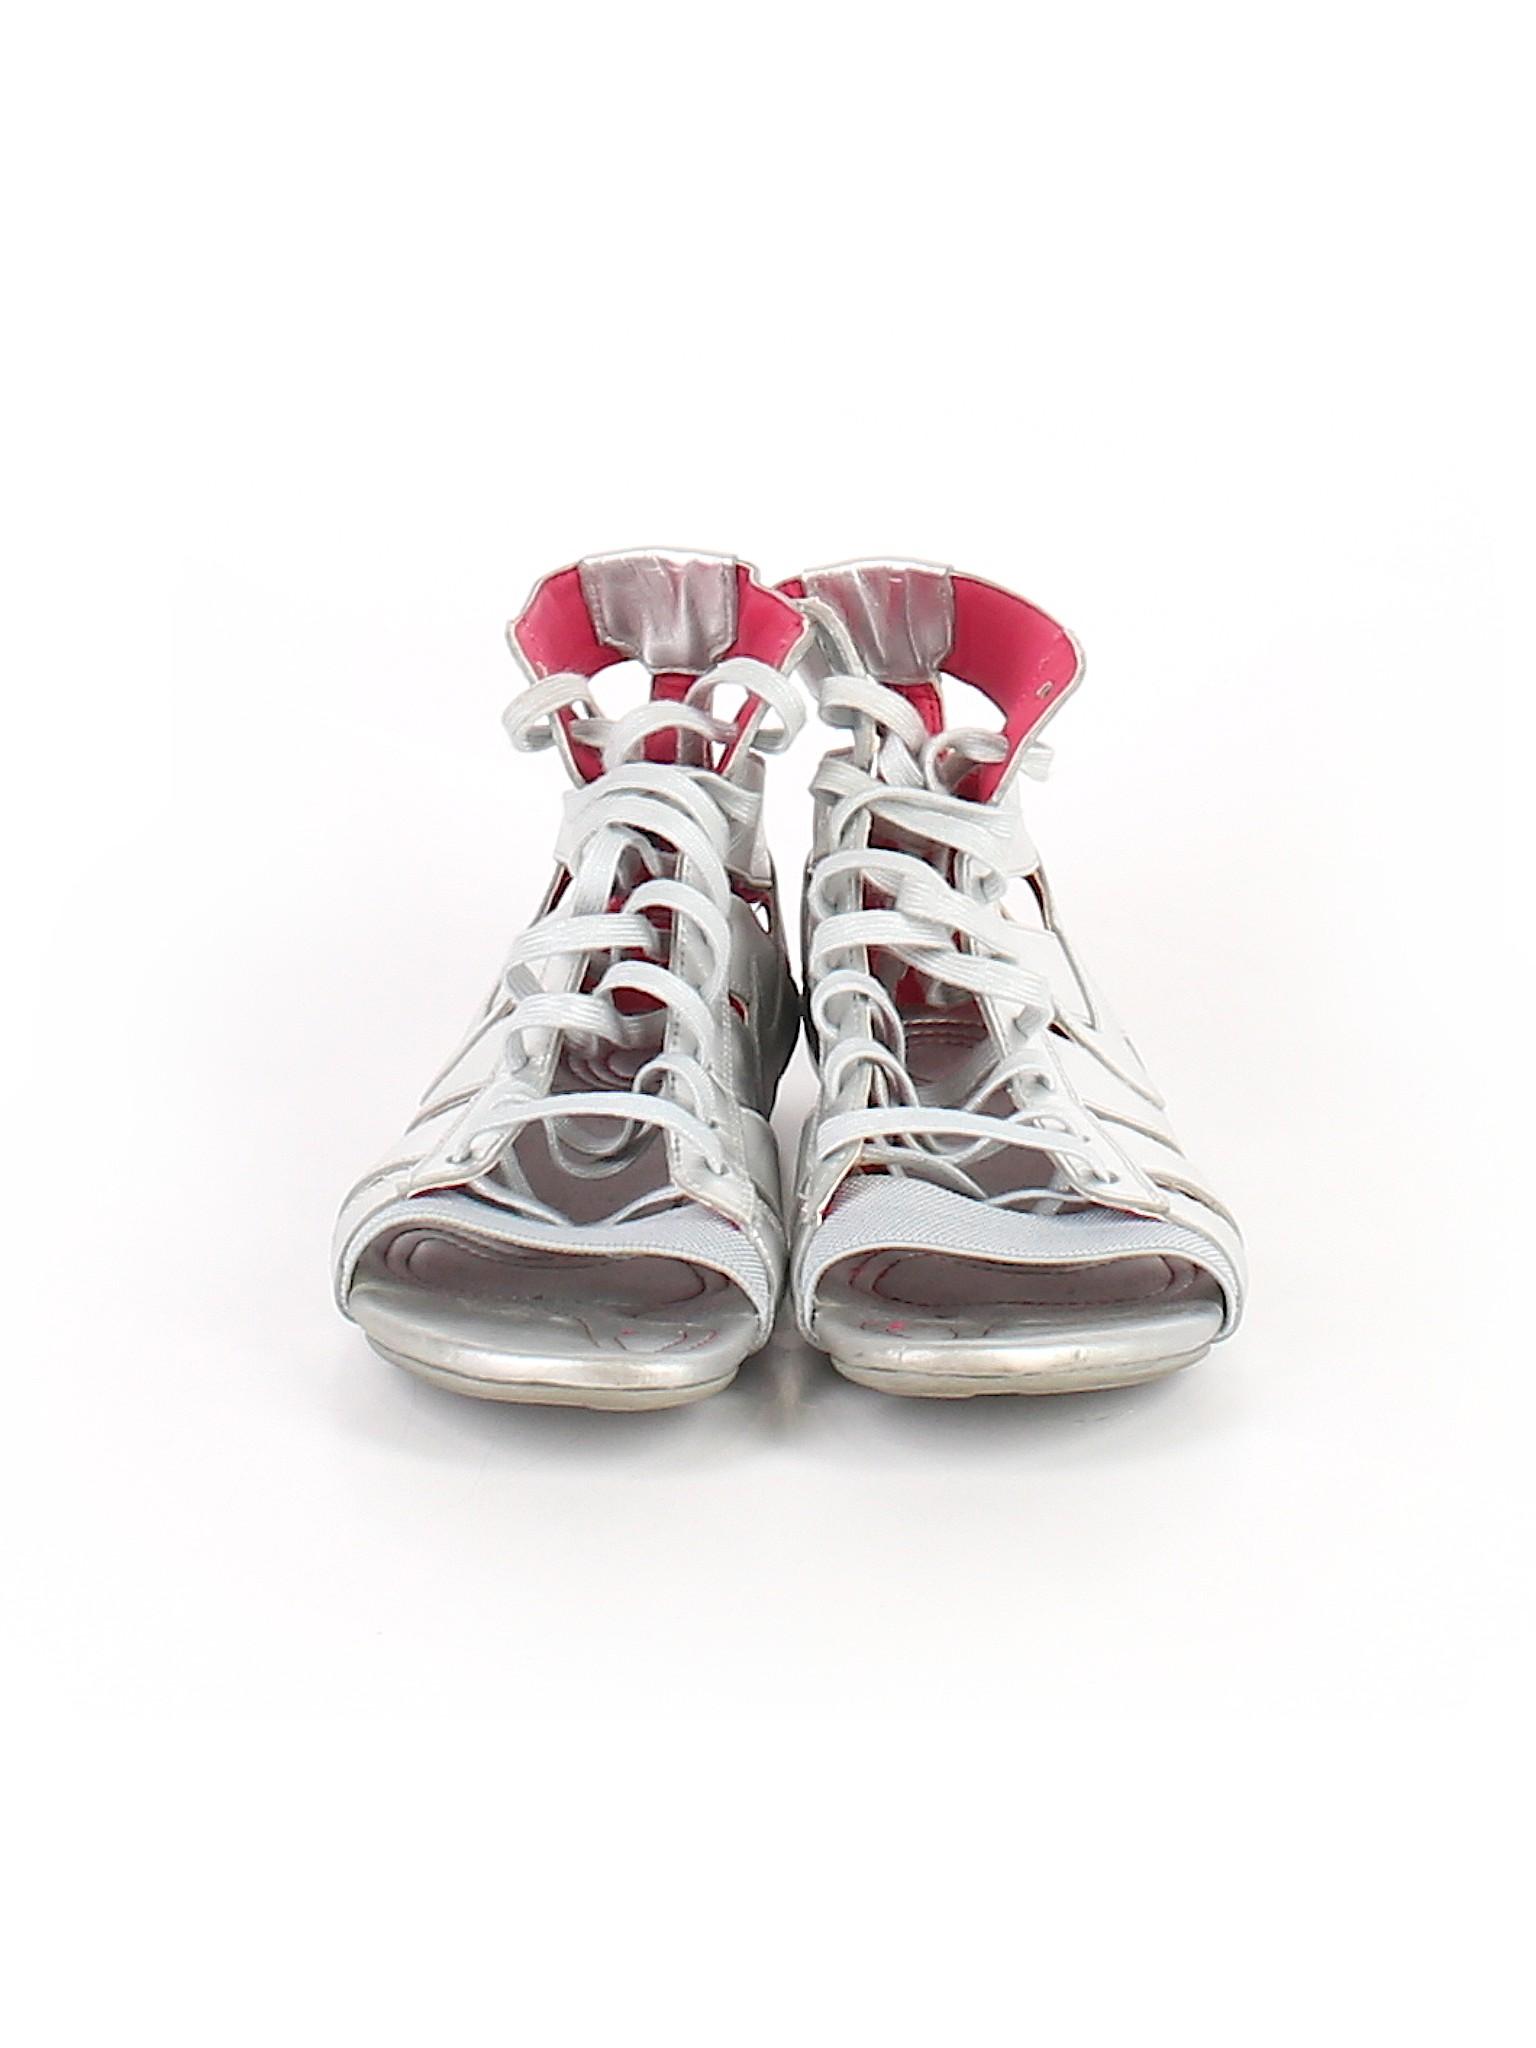 Boutique promotion Sandals Nike Sandals promotion Boutique Nike Boutique ZS77dqc